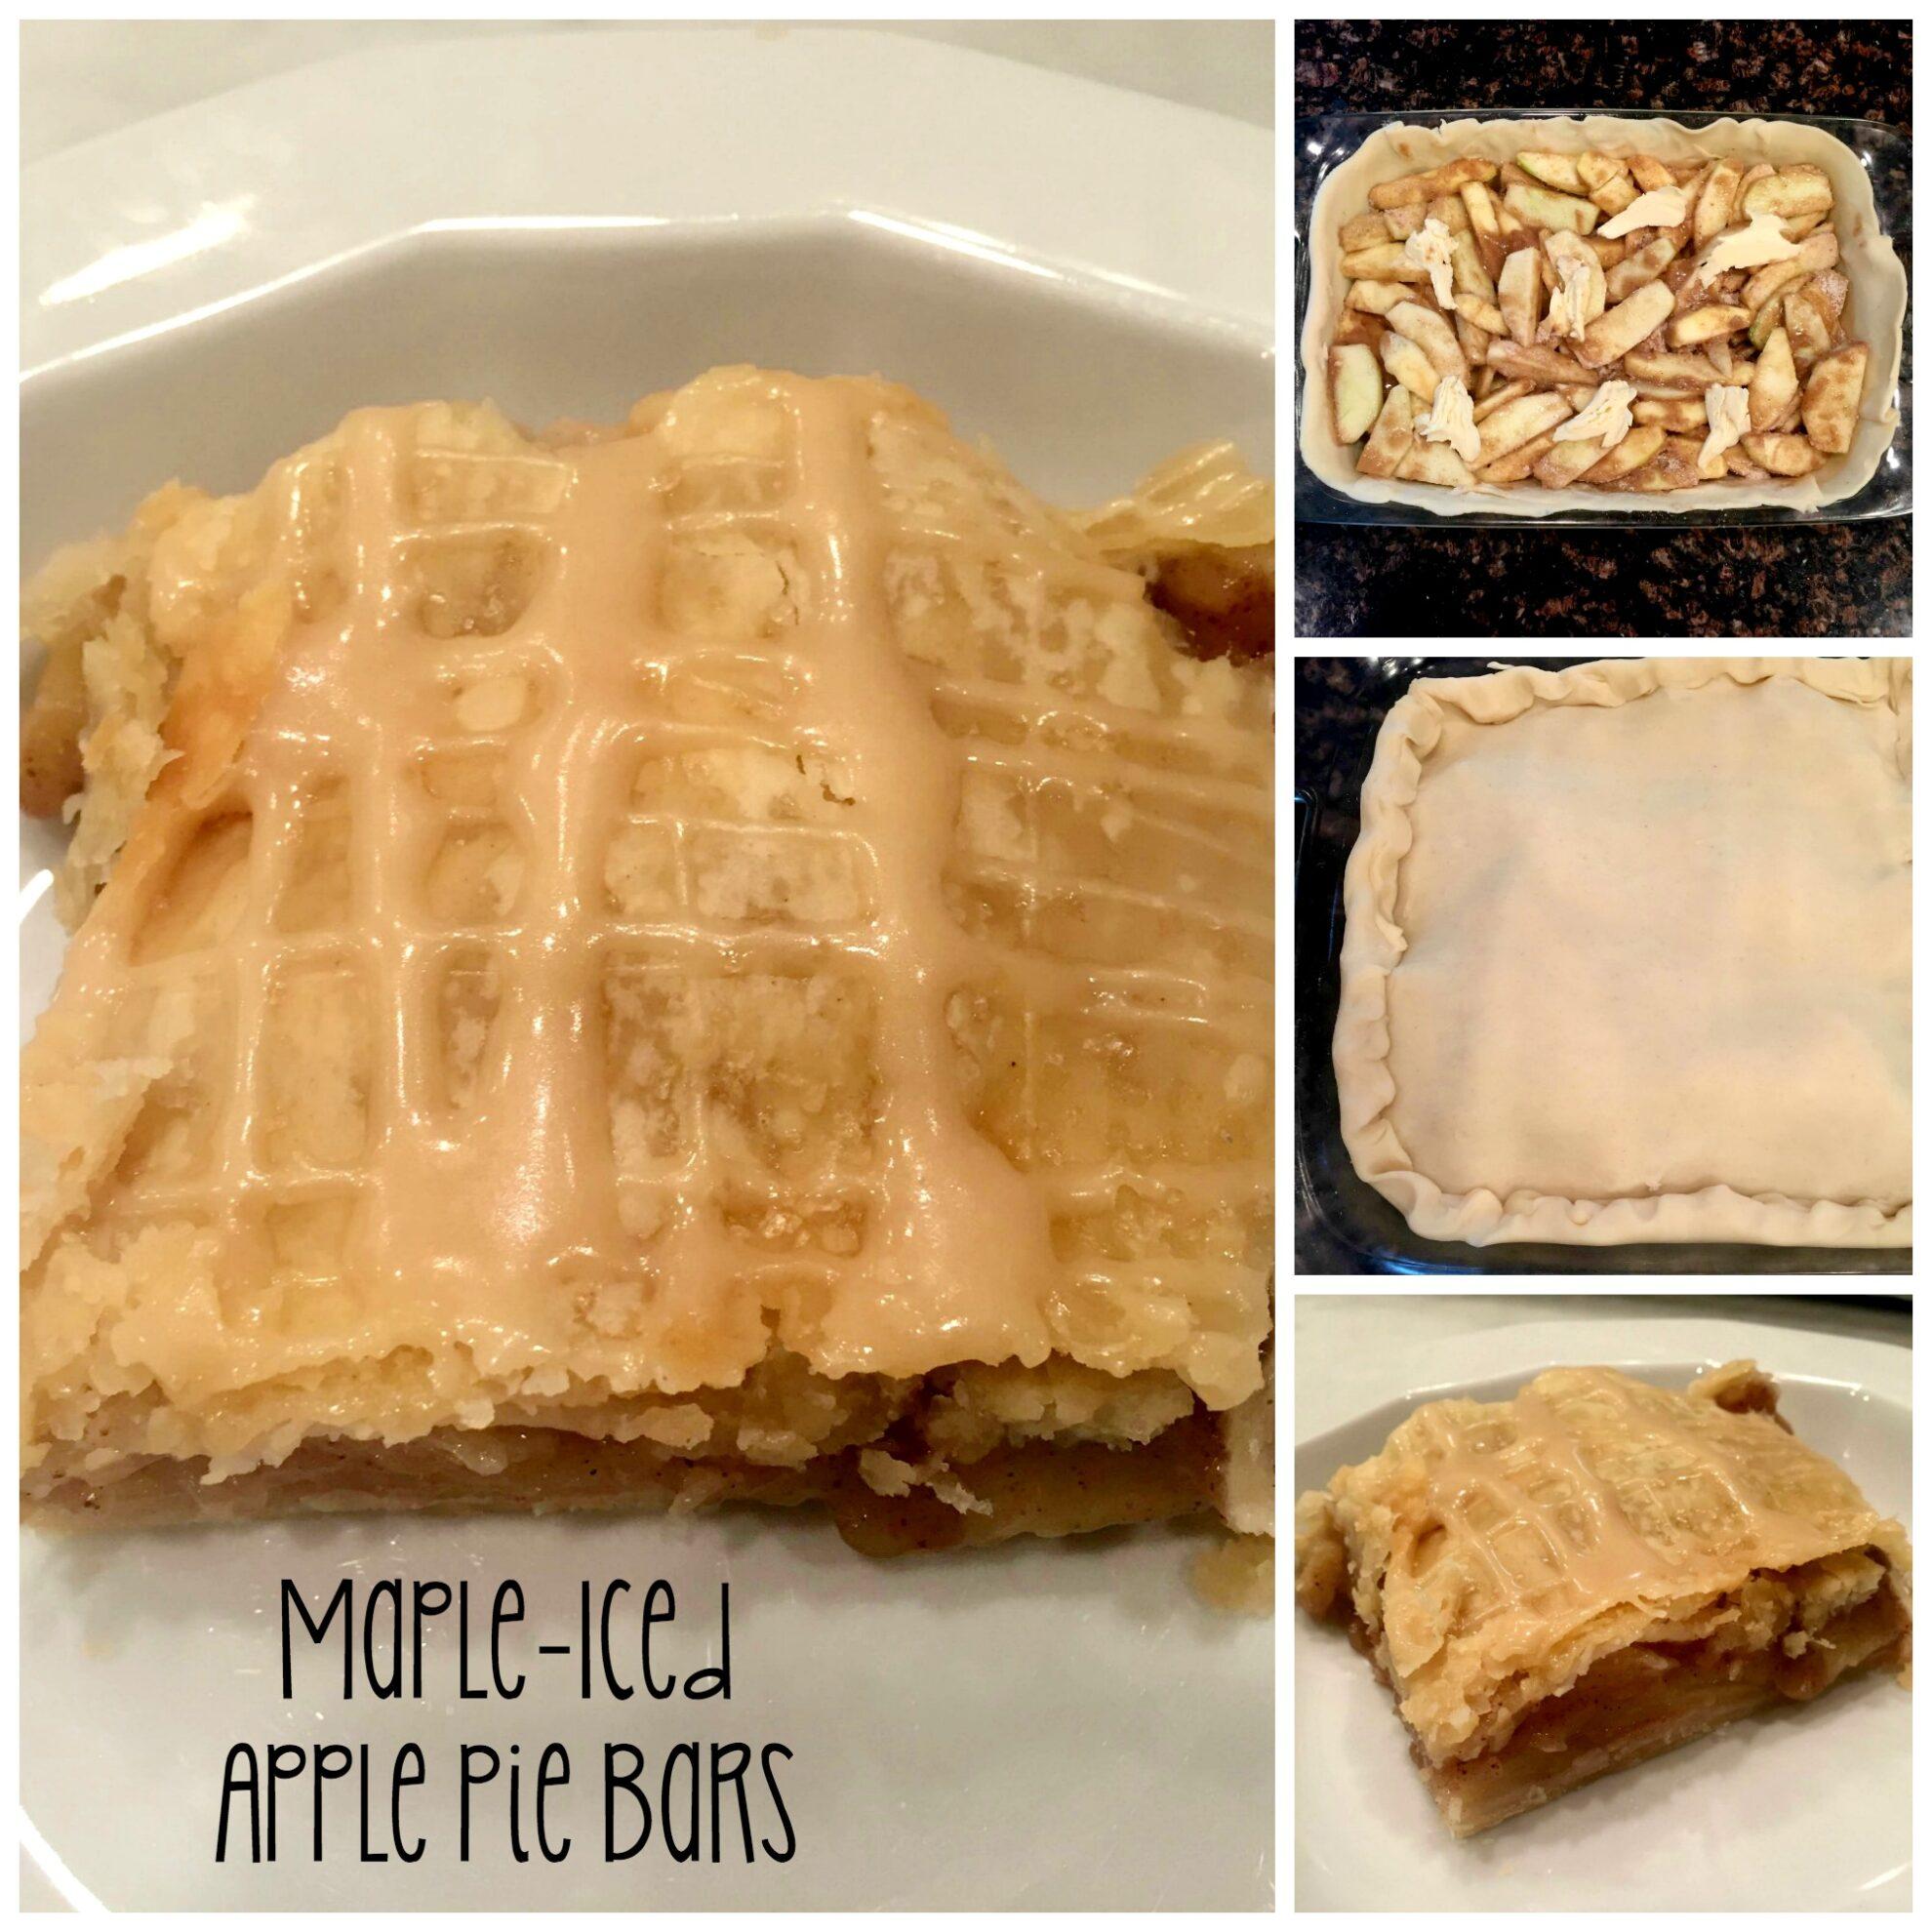 maple-iced-apple-pie-bars-5dollardinners-com